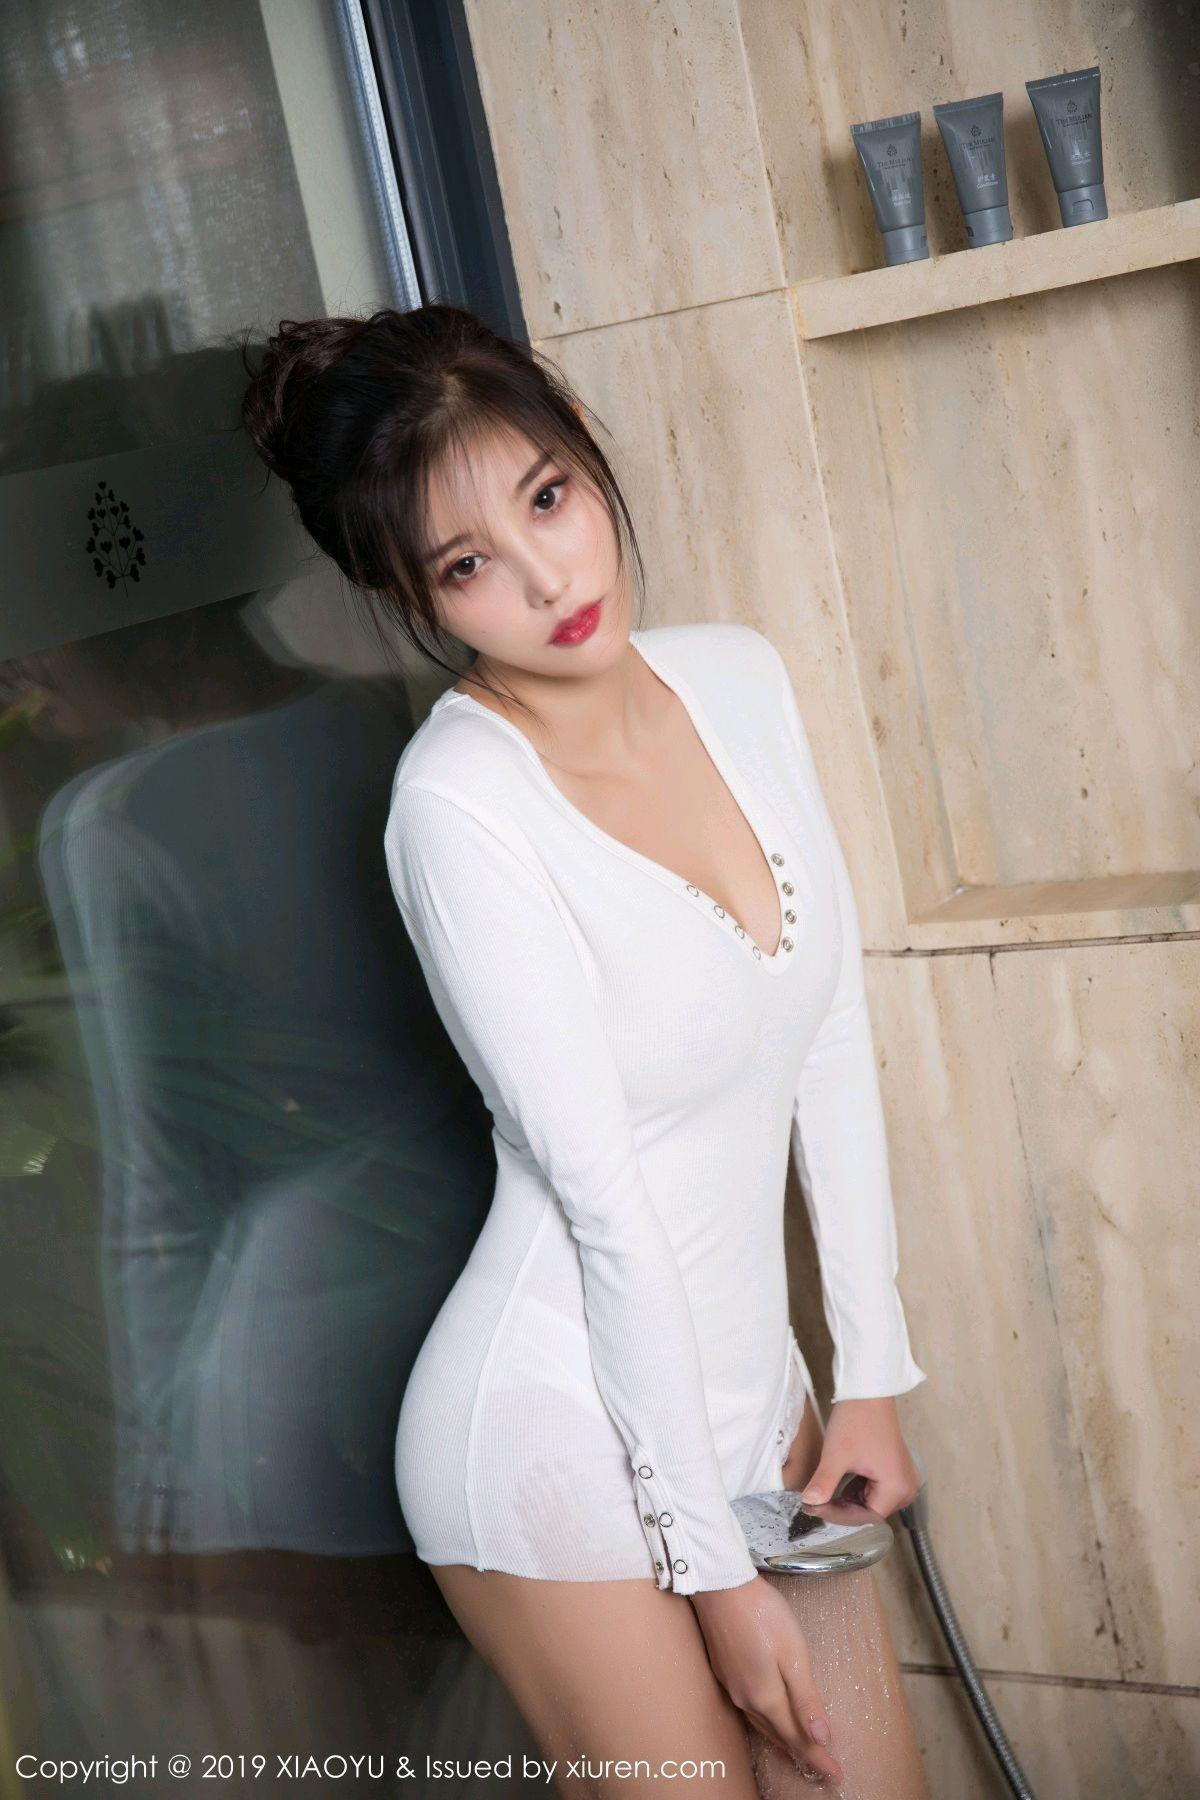 [XiaoYu] Vol.025 Yang Chen Chen 13P, Bathroom, Wet, XiaoYu, Yang Chen Chen